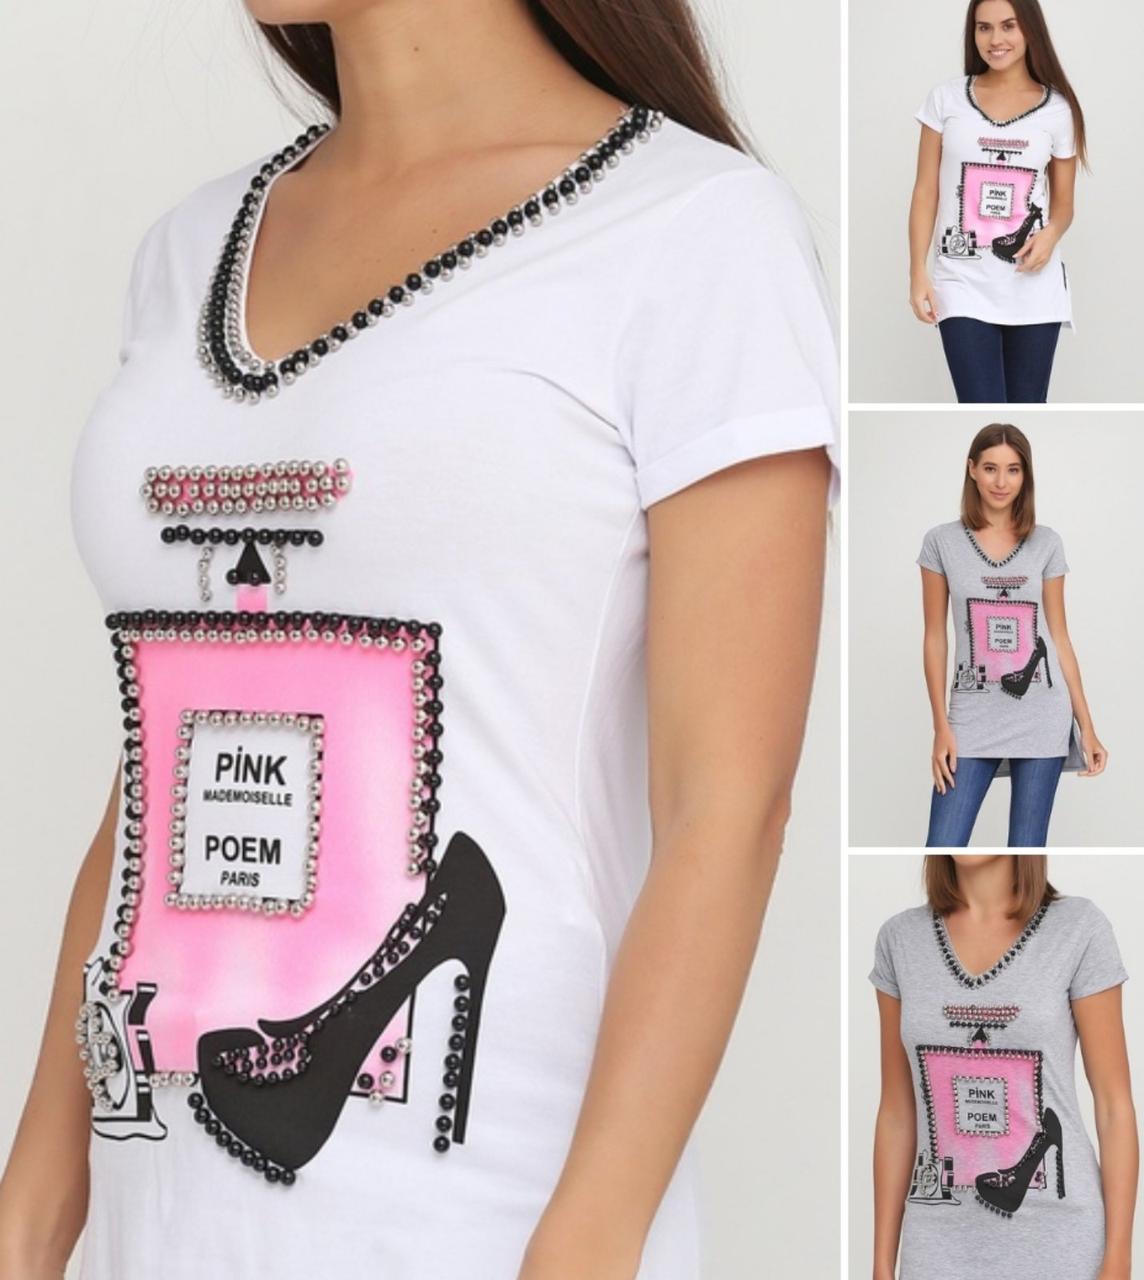 Купить Женская футболка-туника Chanel, бусы пришиты, сбоку разрез. Пр-во Турция. Размер :С, М, Л, ХЛ.